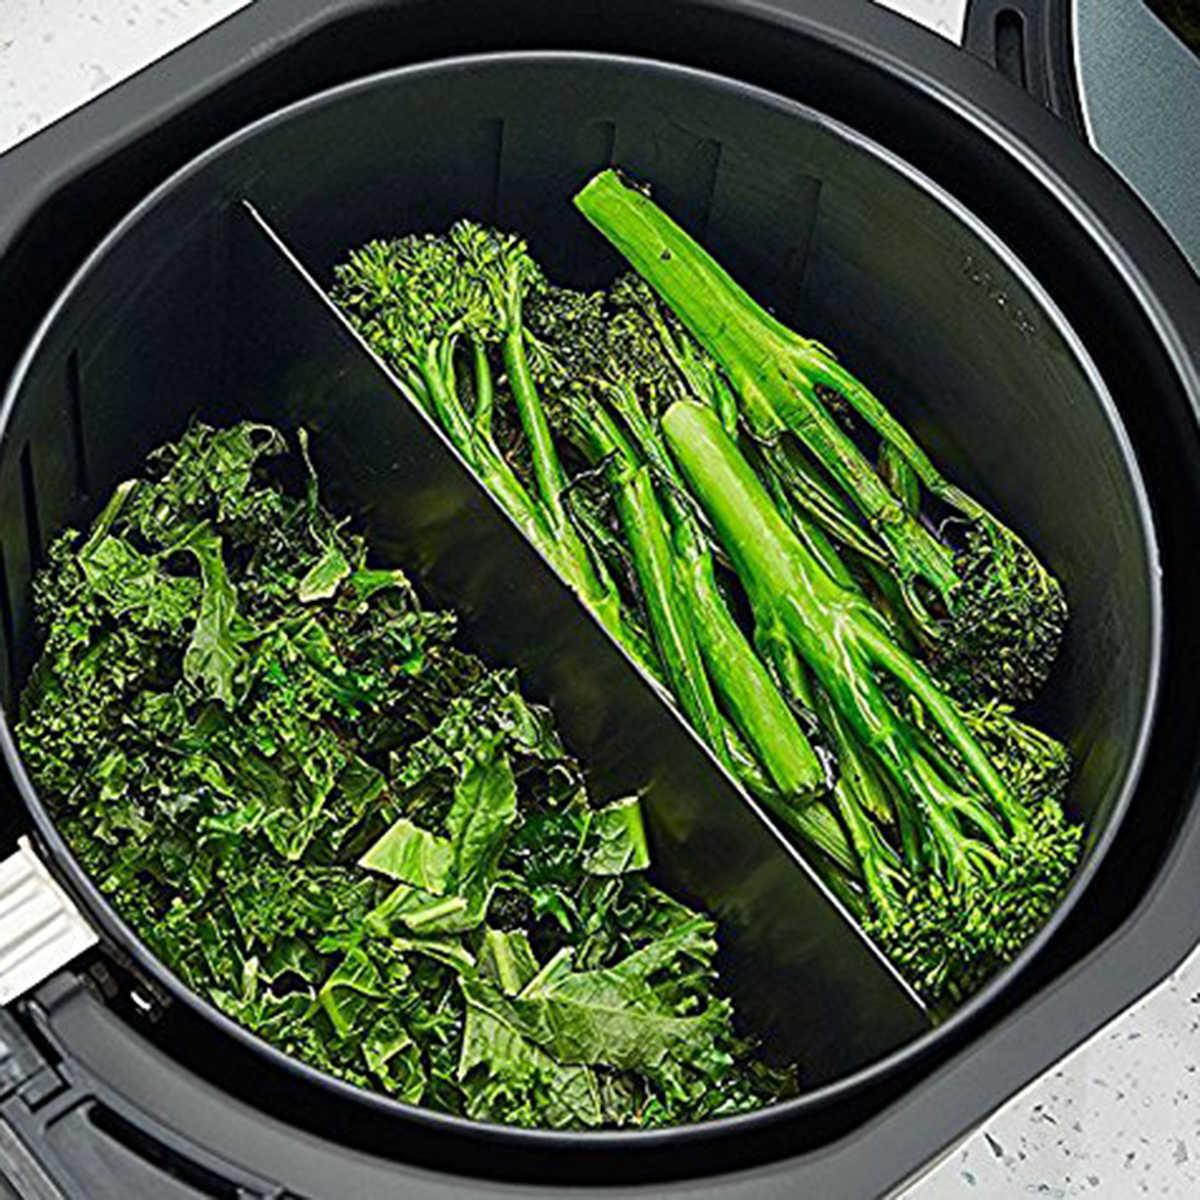 Alta qualidade xl fritadeira de ar cozinhar divisor compatível com 9 polegada cestas de fritadeira de ar cesta divisor mantém alimentos separados